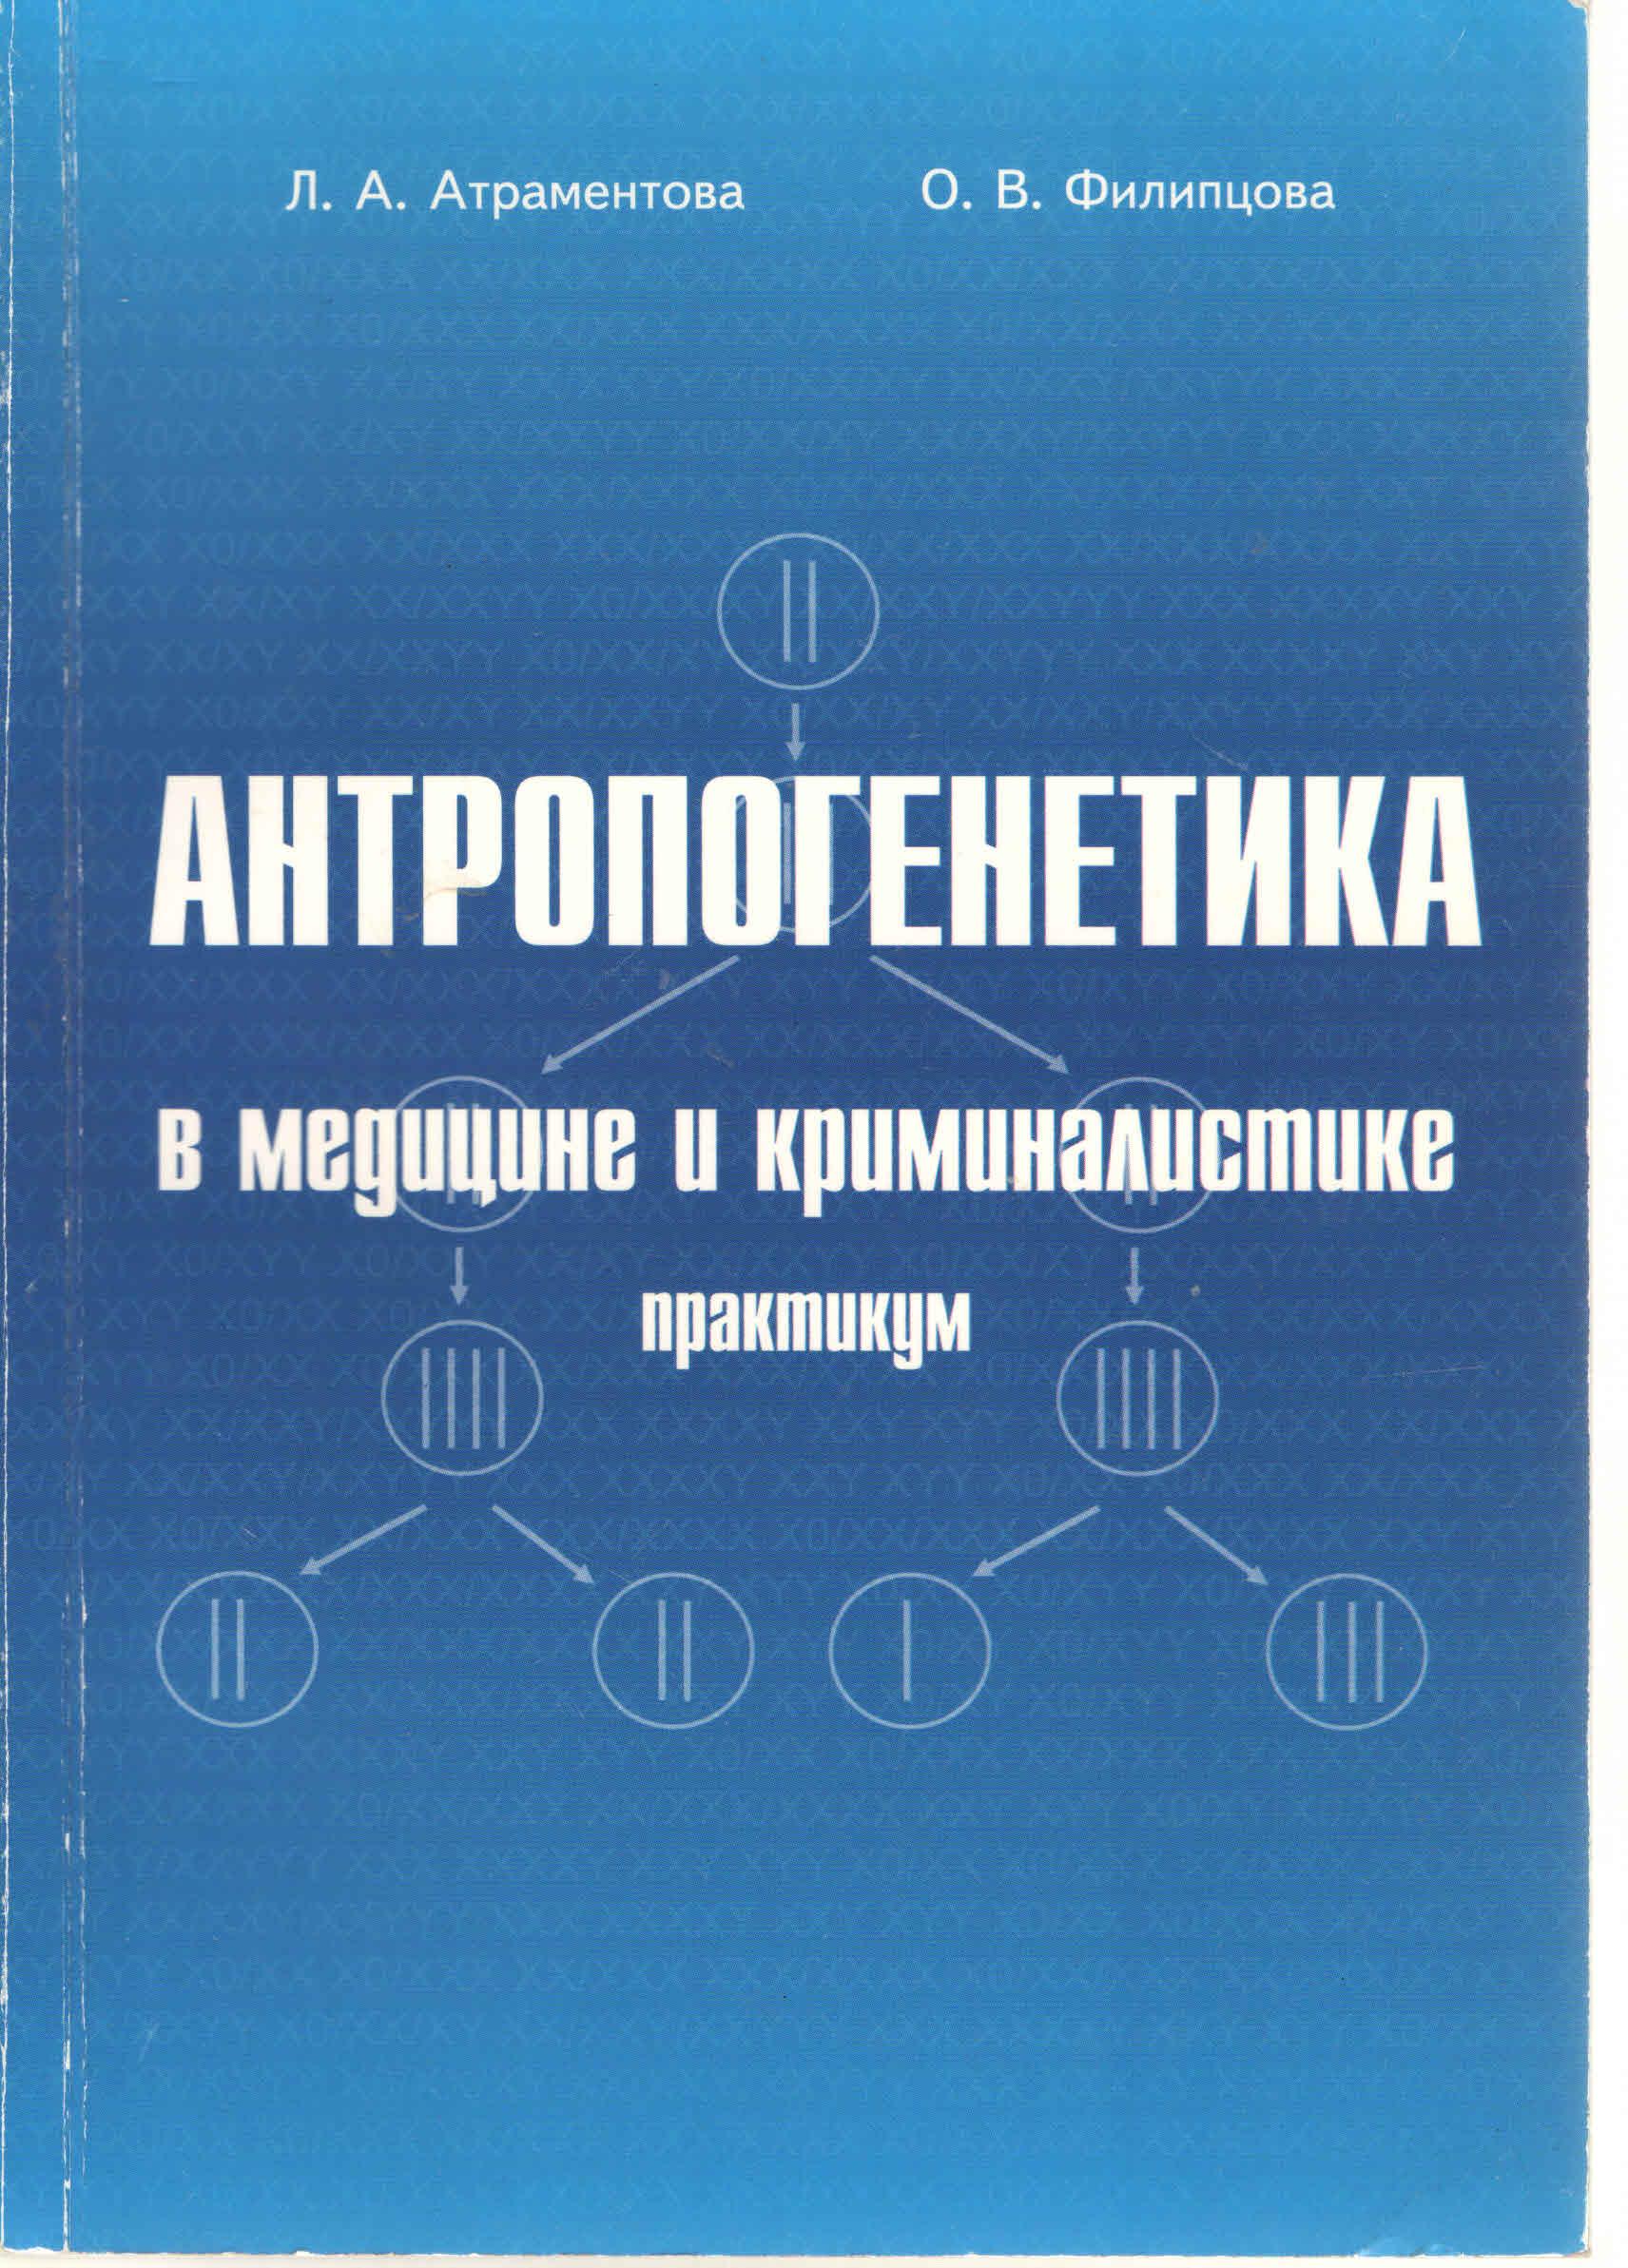 Антропогенетика - обкладинка книги